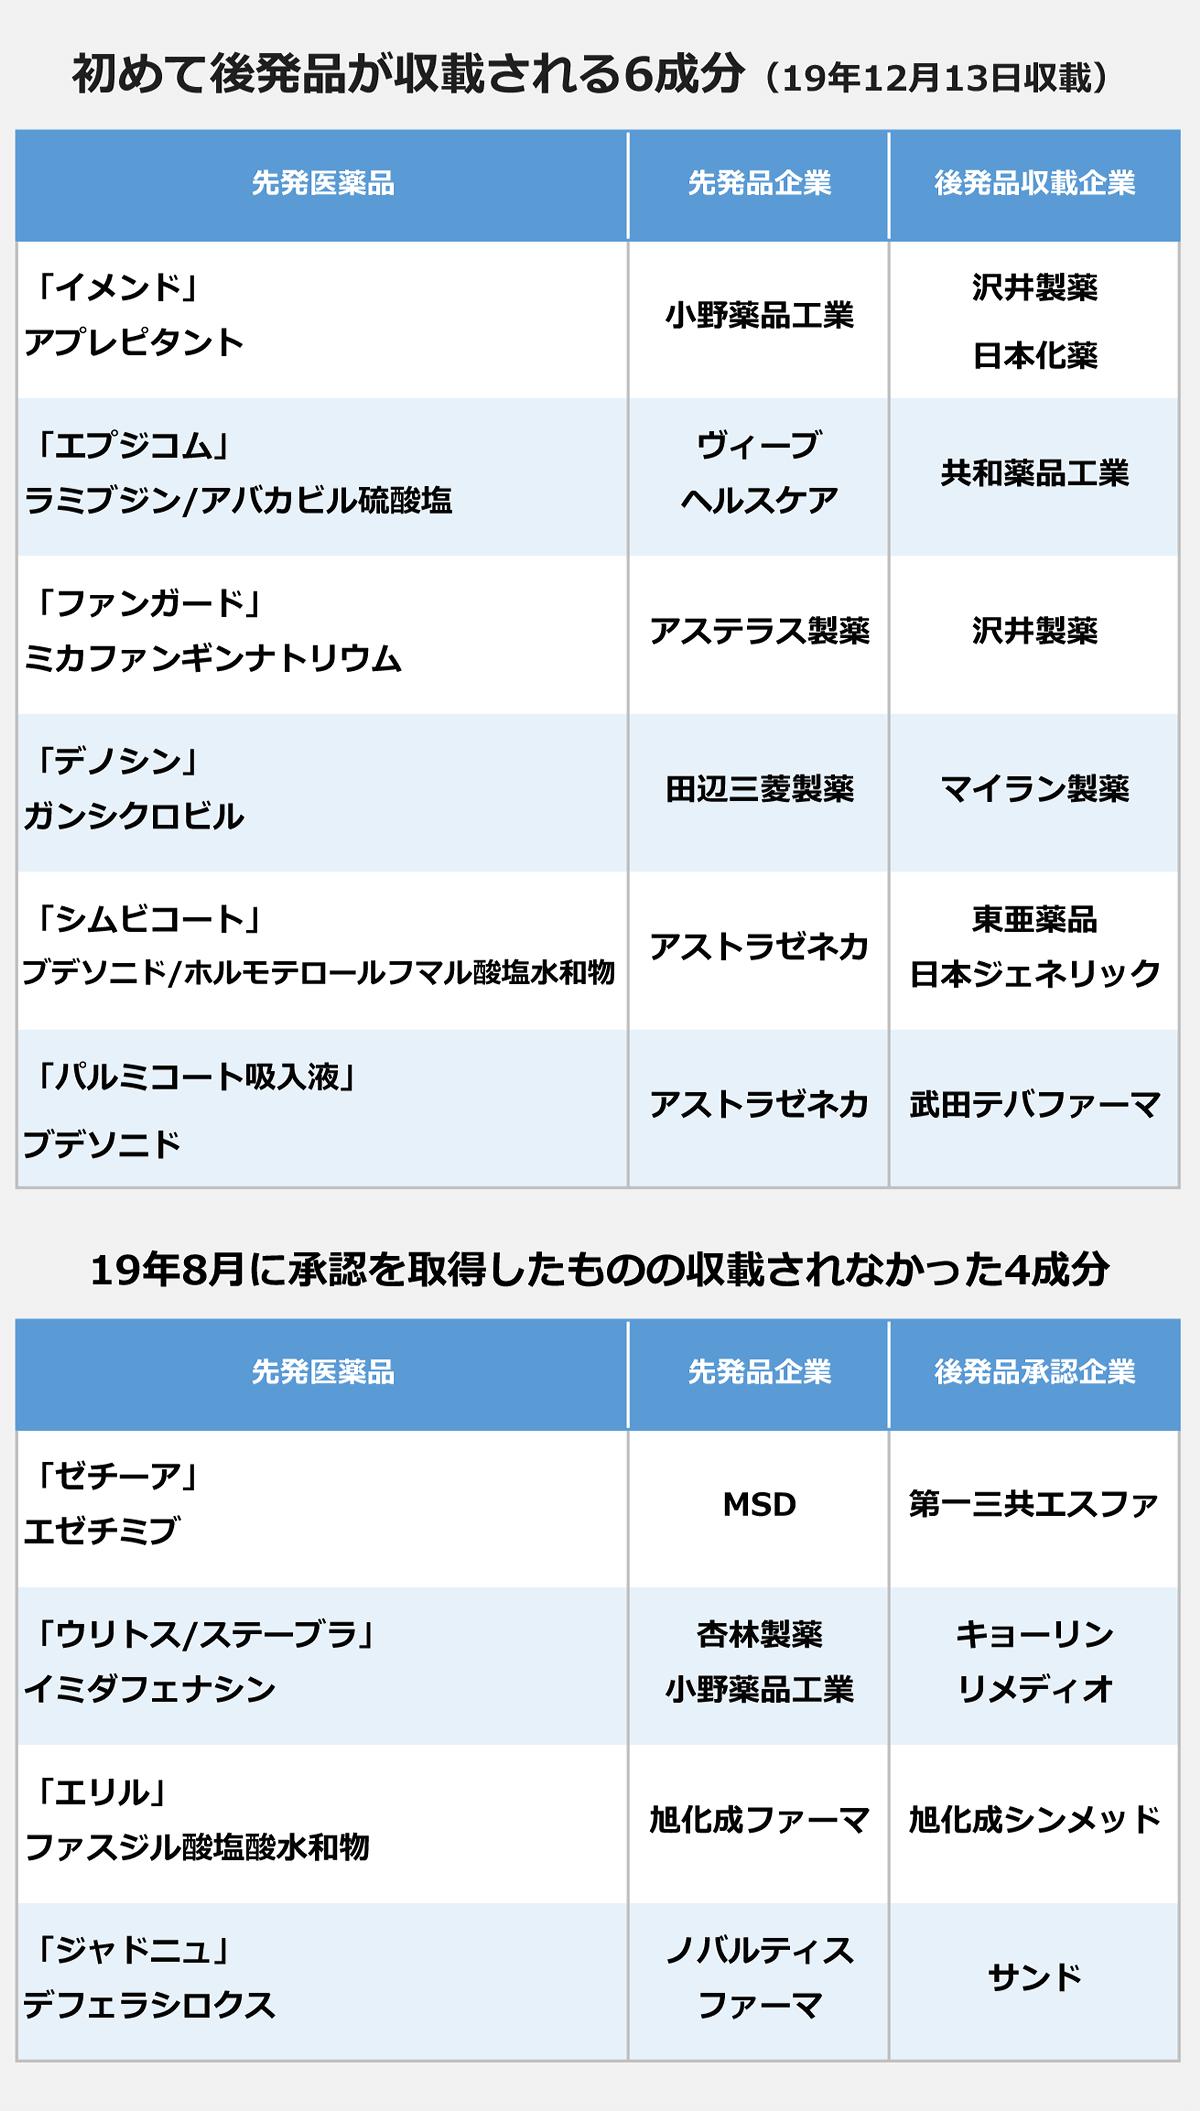 初めて後発品が収載される6成分(2019年12月13日)